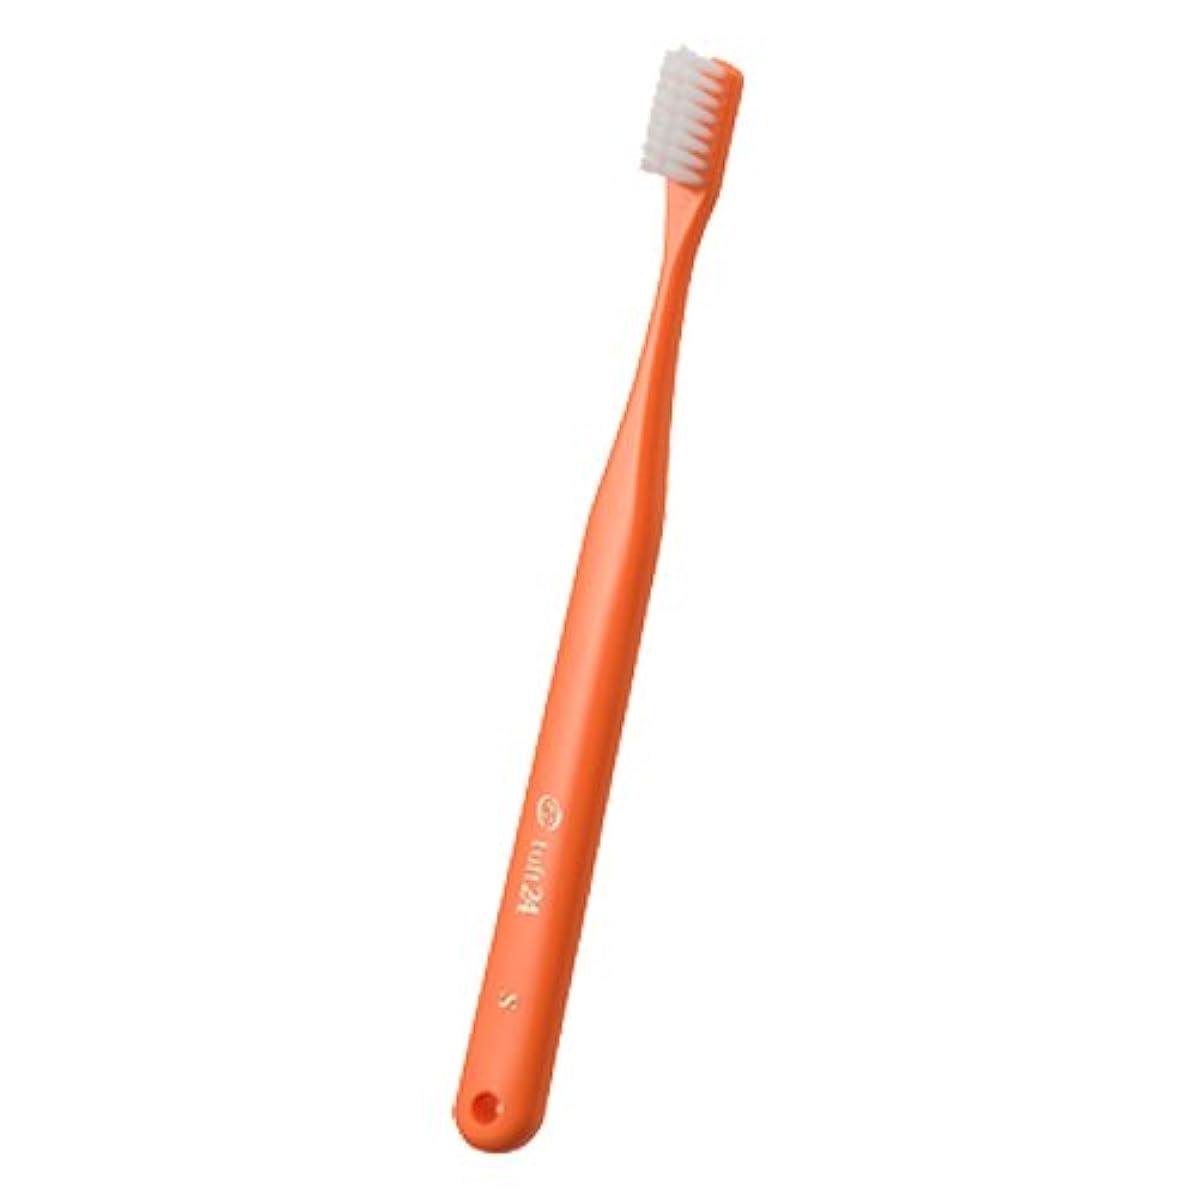 辞書程度クリープオーラルケア タフト 24 歯ブラシ キャップなし 1本 (ミディアムソフト(MS)オレンジ)